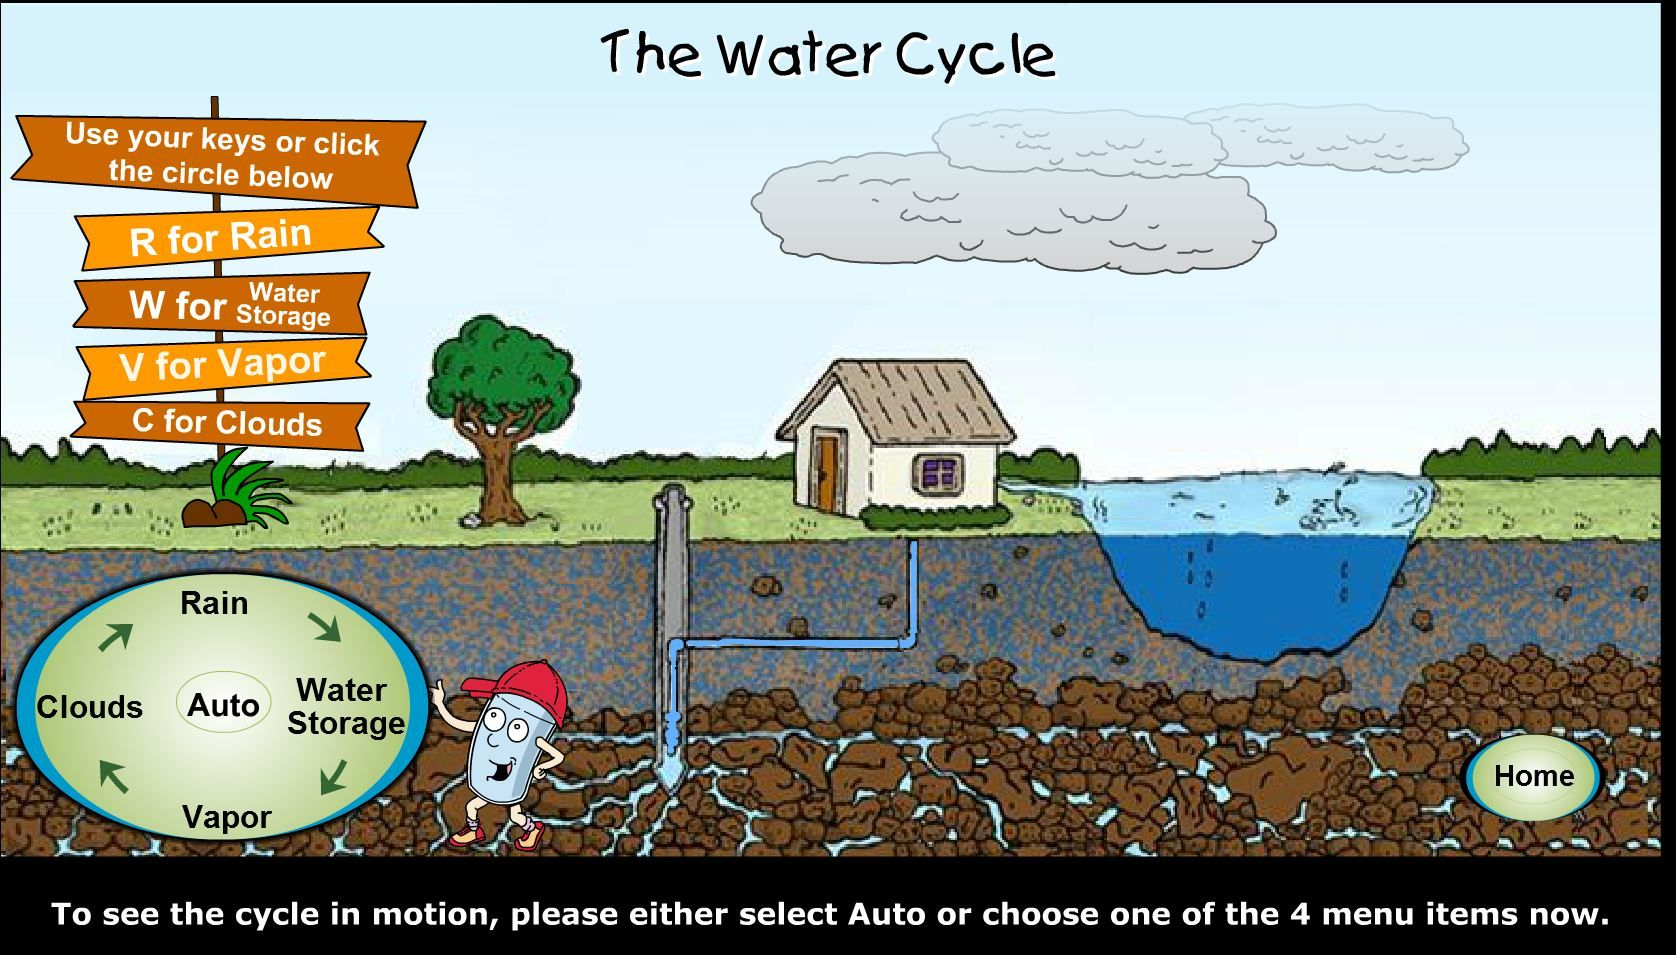 Epa Ogwdw Kids Flash Flash Watercycle